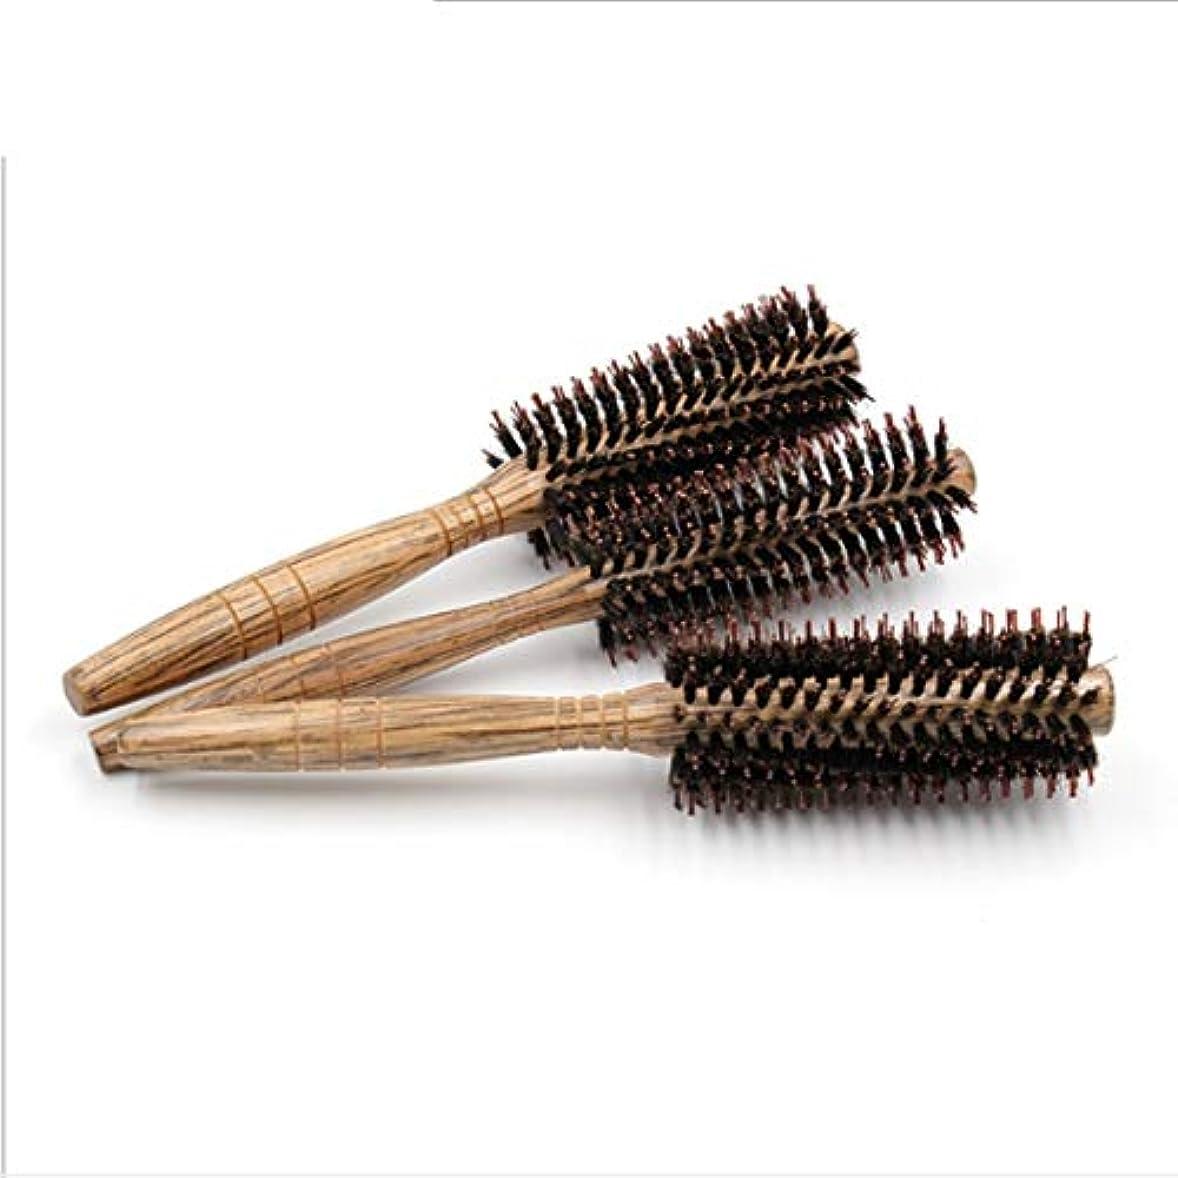 祭り助言広告女性のためのヘアブラシ大きい花のComb24cmの長さ - ヘアブラシの女性のカーリー&木製ハンドル付きストレートヘアの櫛 - スタイル、カール、そして乾いた髪にブロー乾燥しながら使用 モデリングツール (サイズ : S)